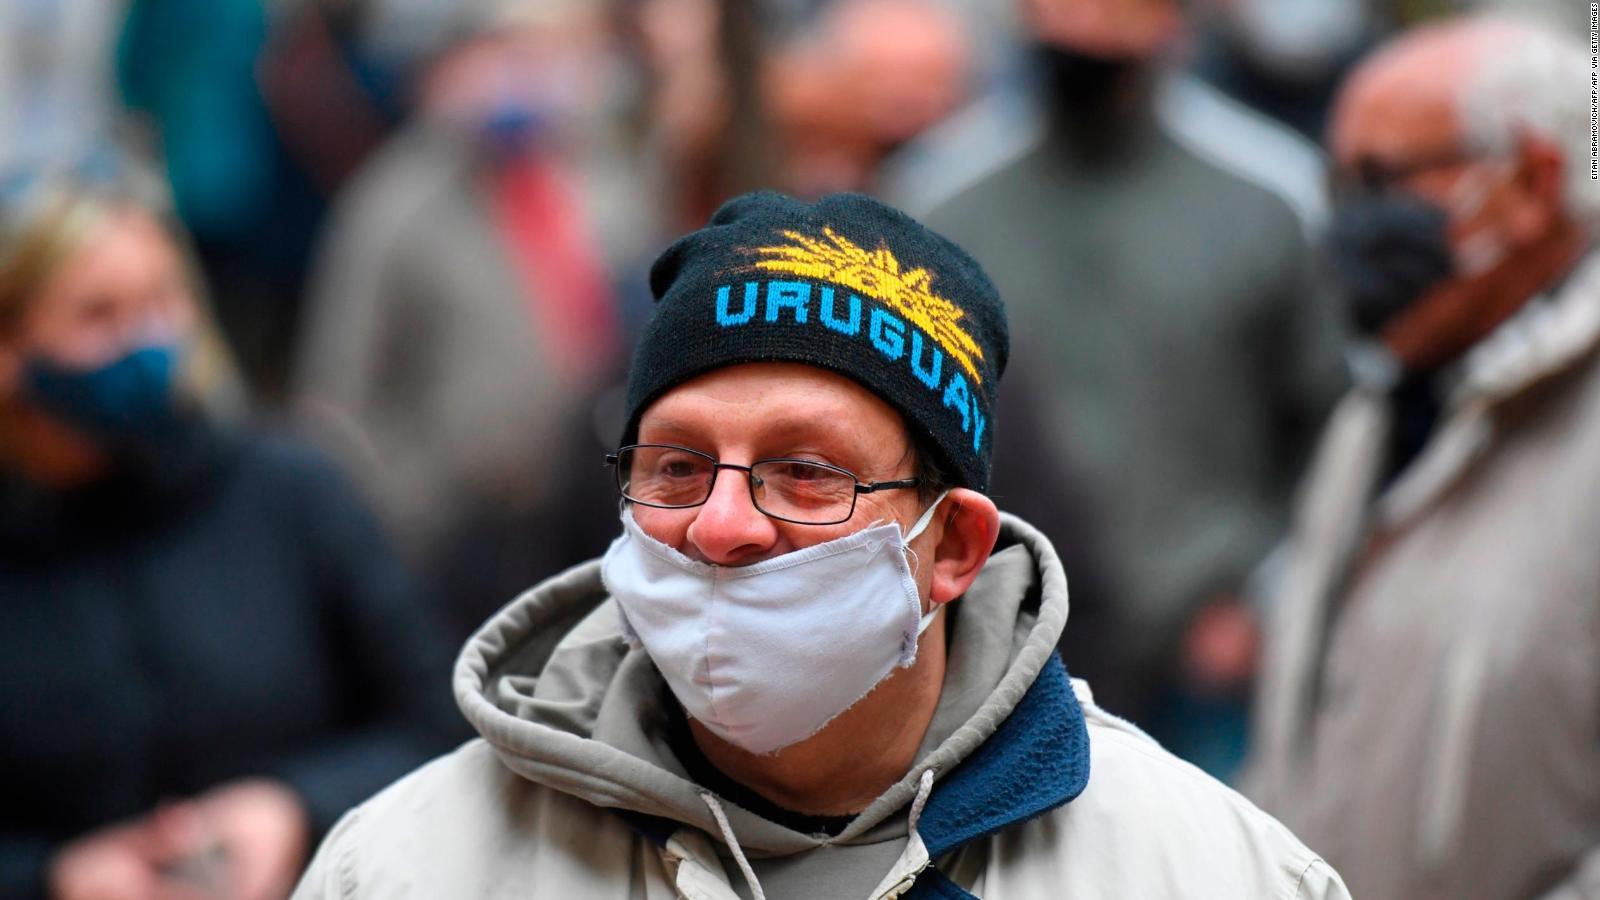 Autoridades de salud en Uruguay alertan sobre incremento de contagios por  covid-19 | Video | CNN